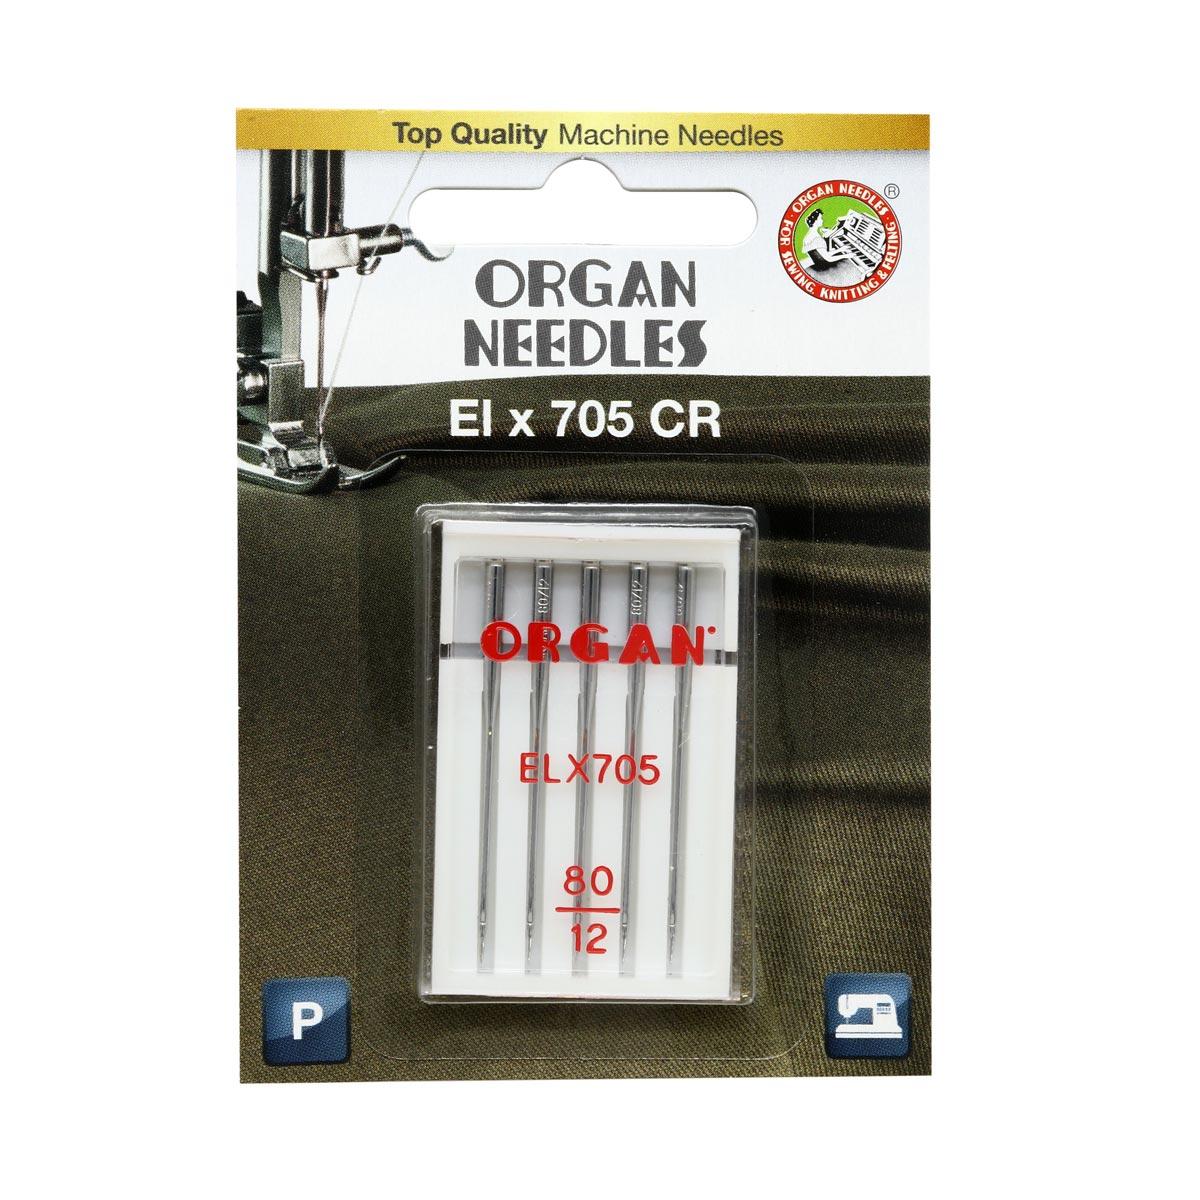 ORGAN иглы EL*705 CR CR 5/80 Blister